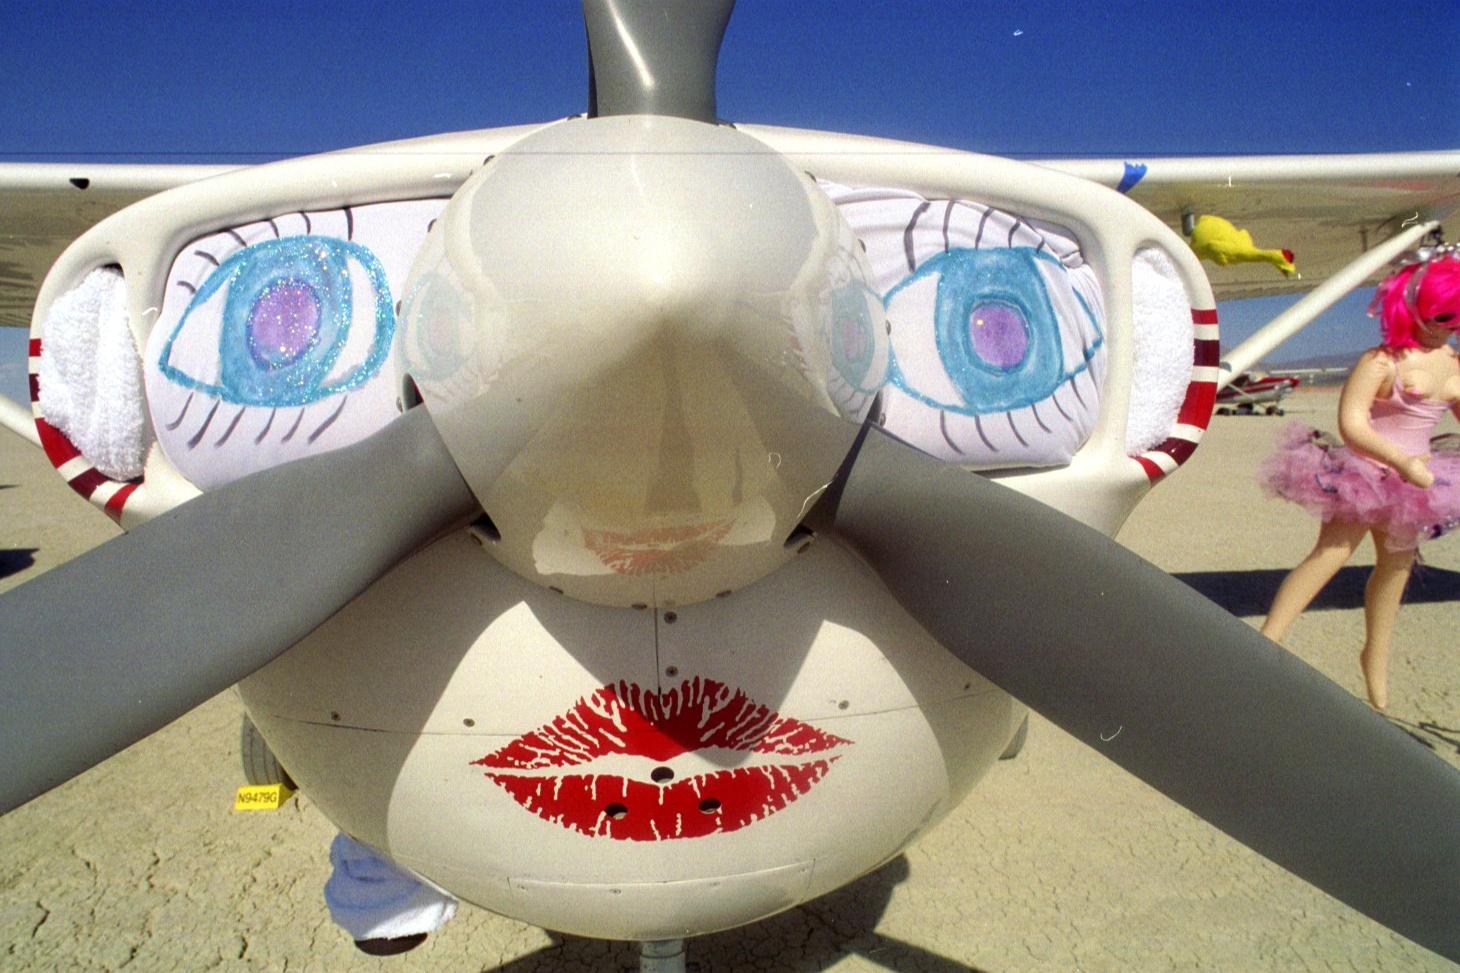 701c-Airplane_Art_at_Burningman